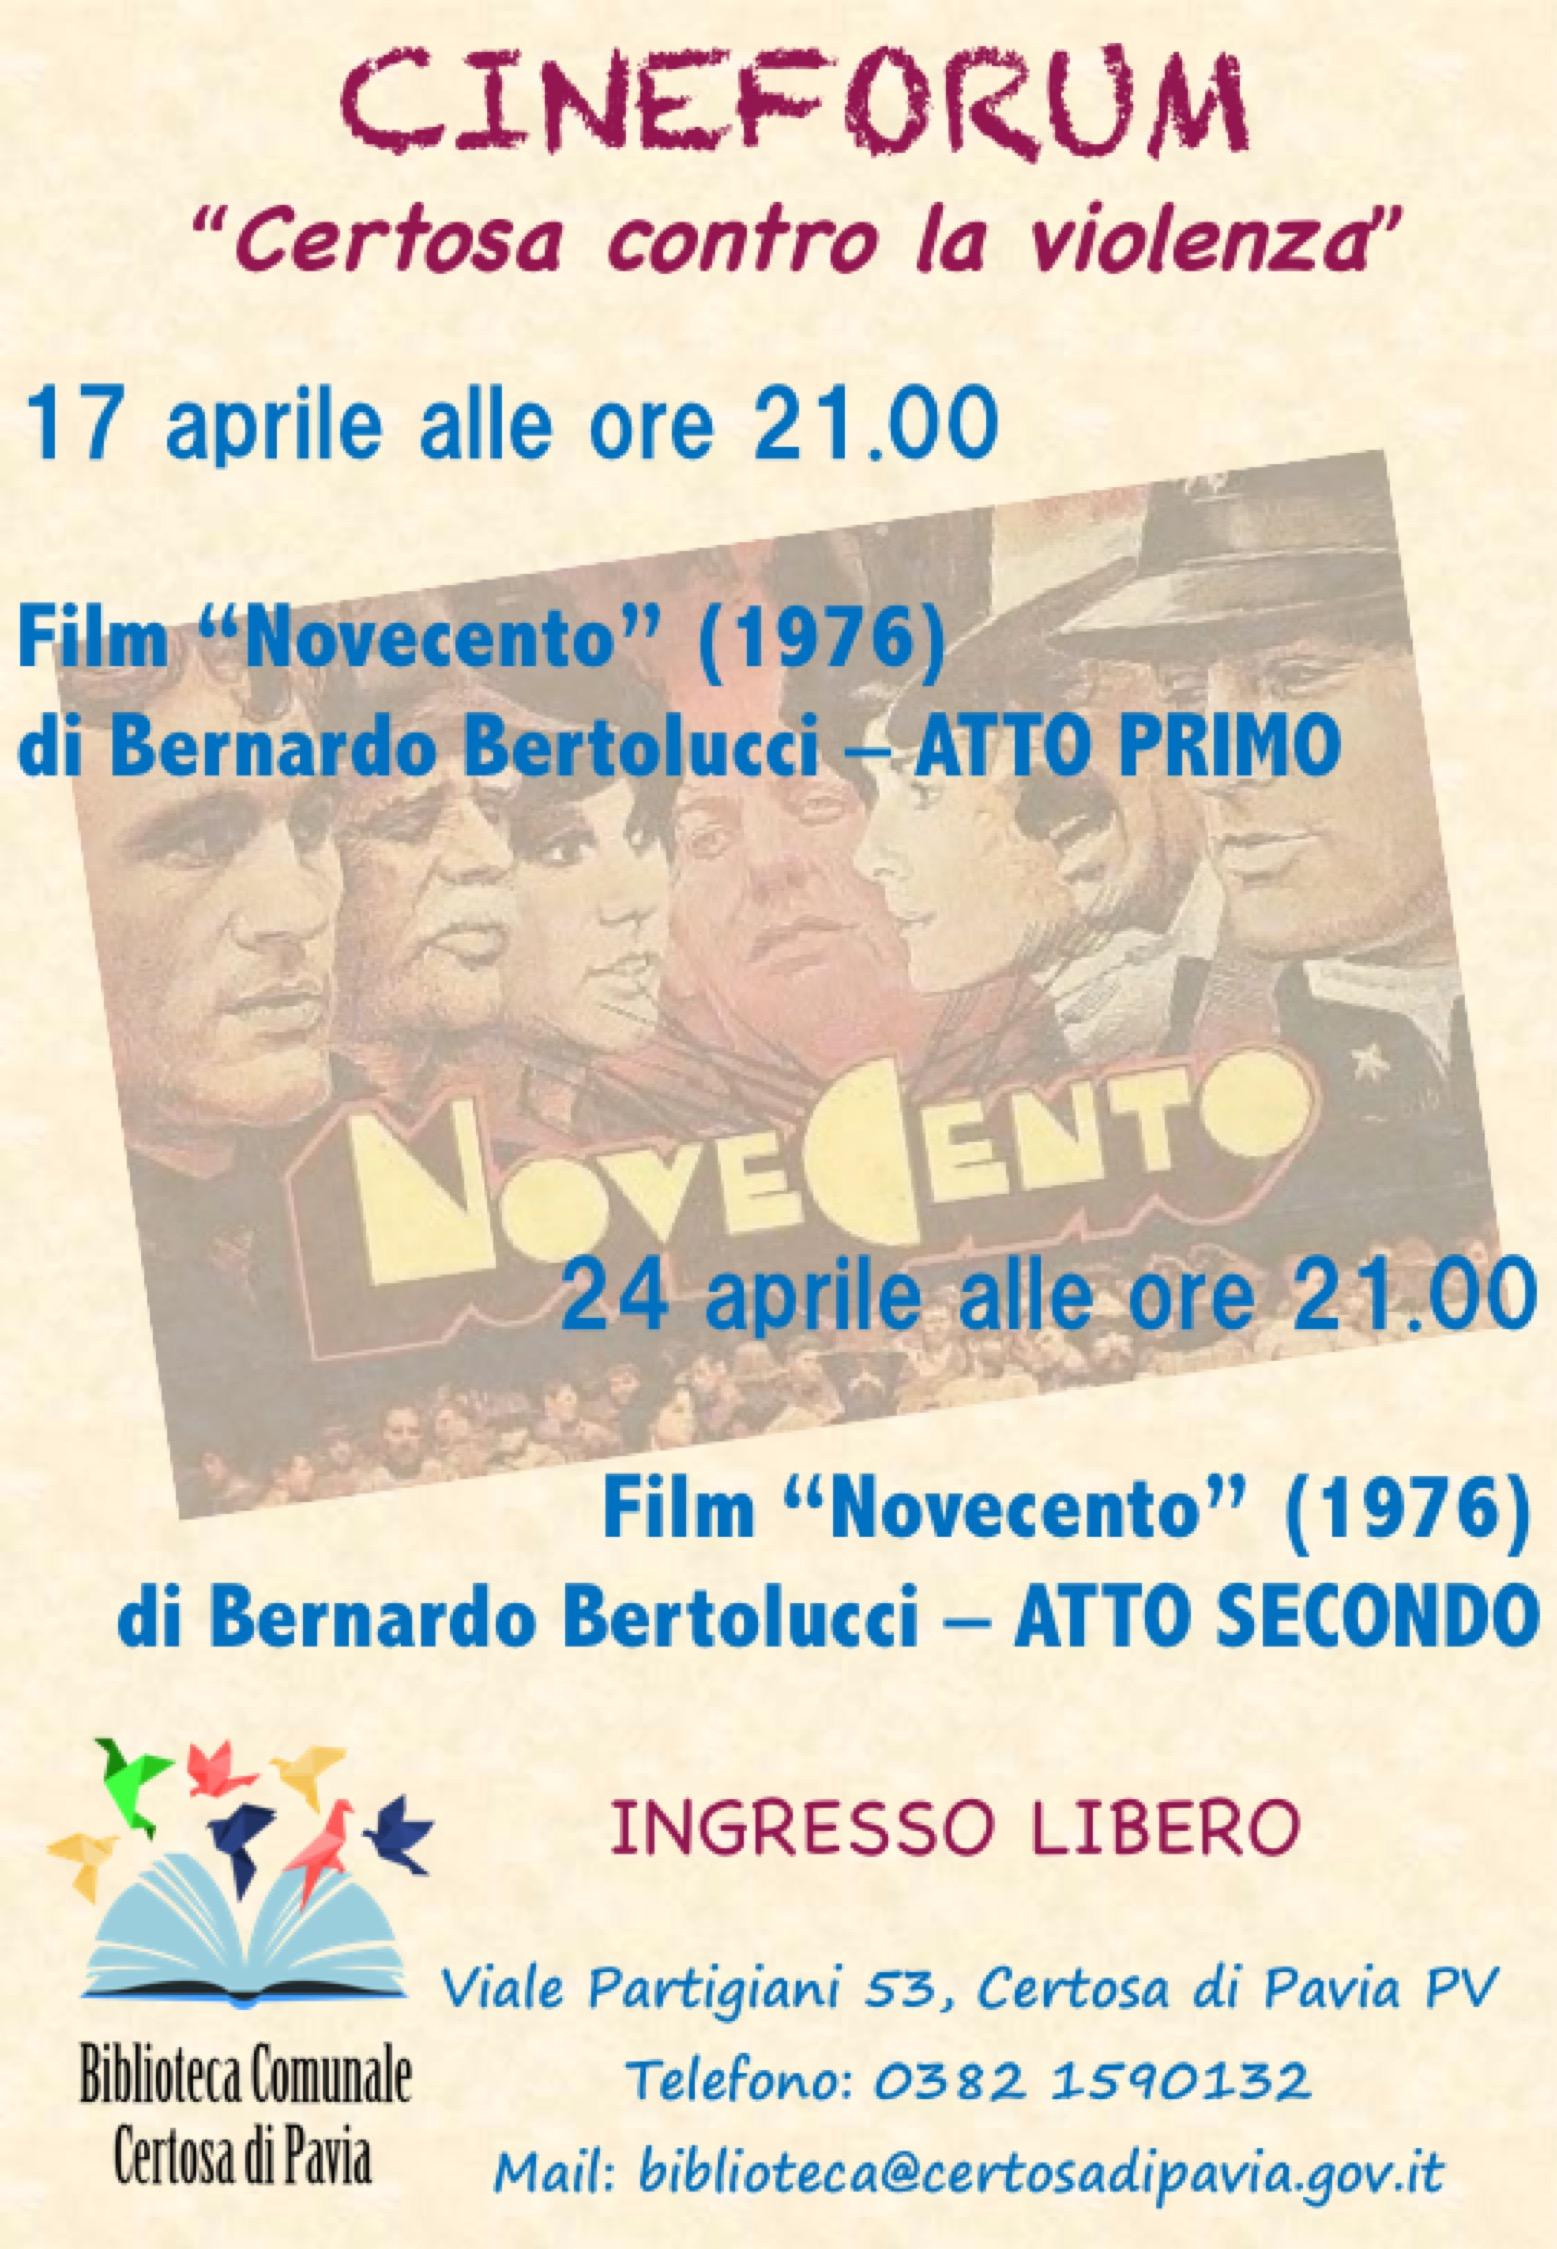 Cineforum aprile 2018 - Biblioteca di Certosa di Pavia